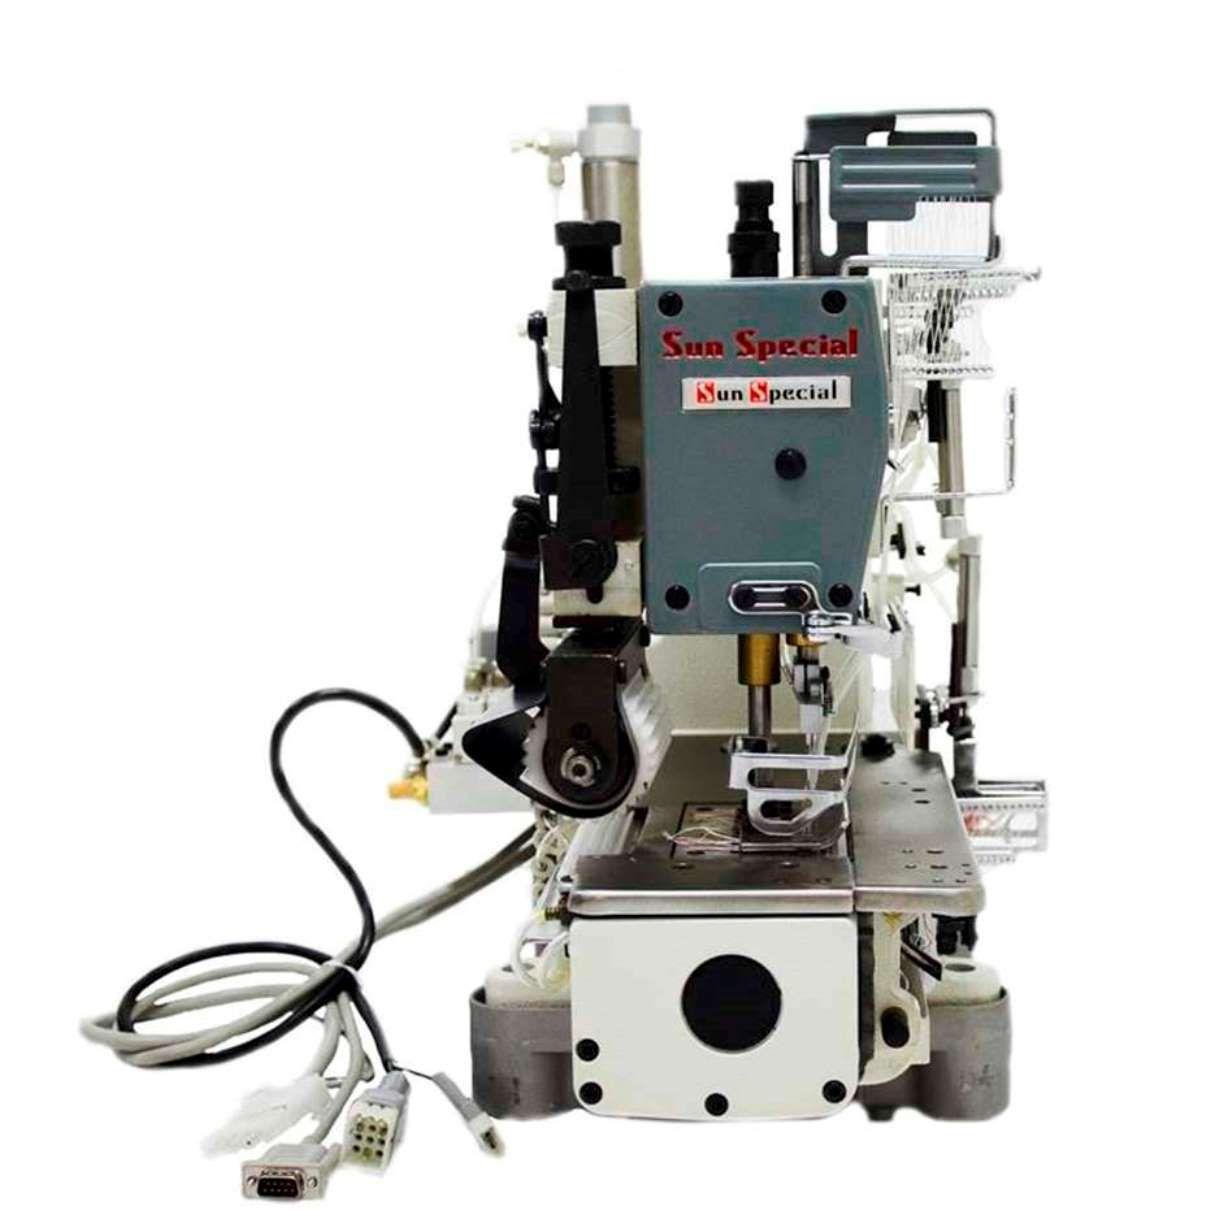 Máquina Costura Industrial Ponto Corrente Cilíndrica Eletrônica 12 Agulhas SSTC118-12064-PD-CF Sun Special